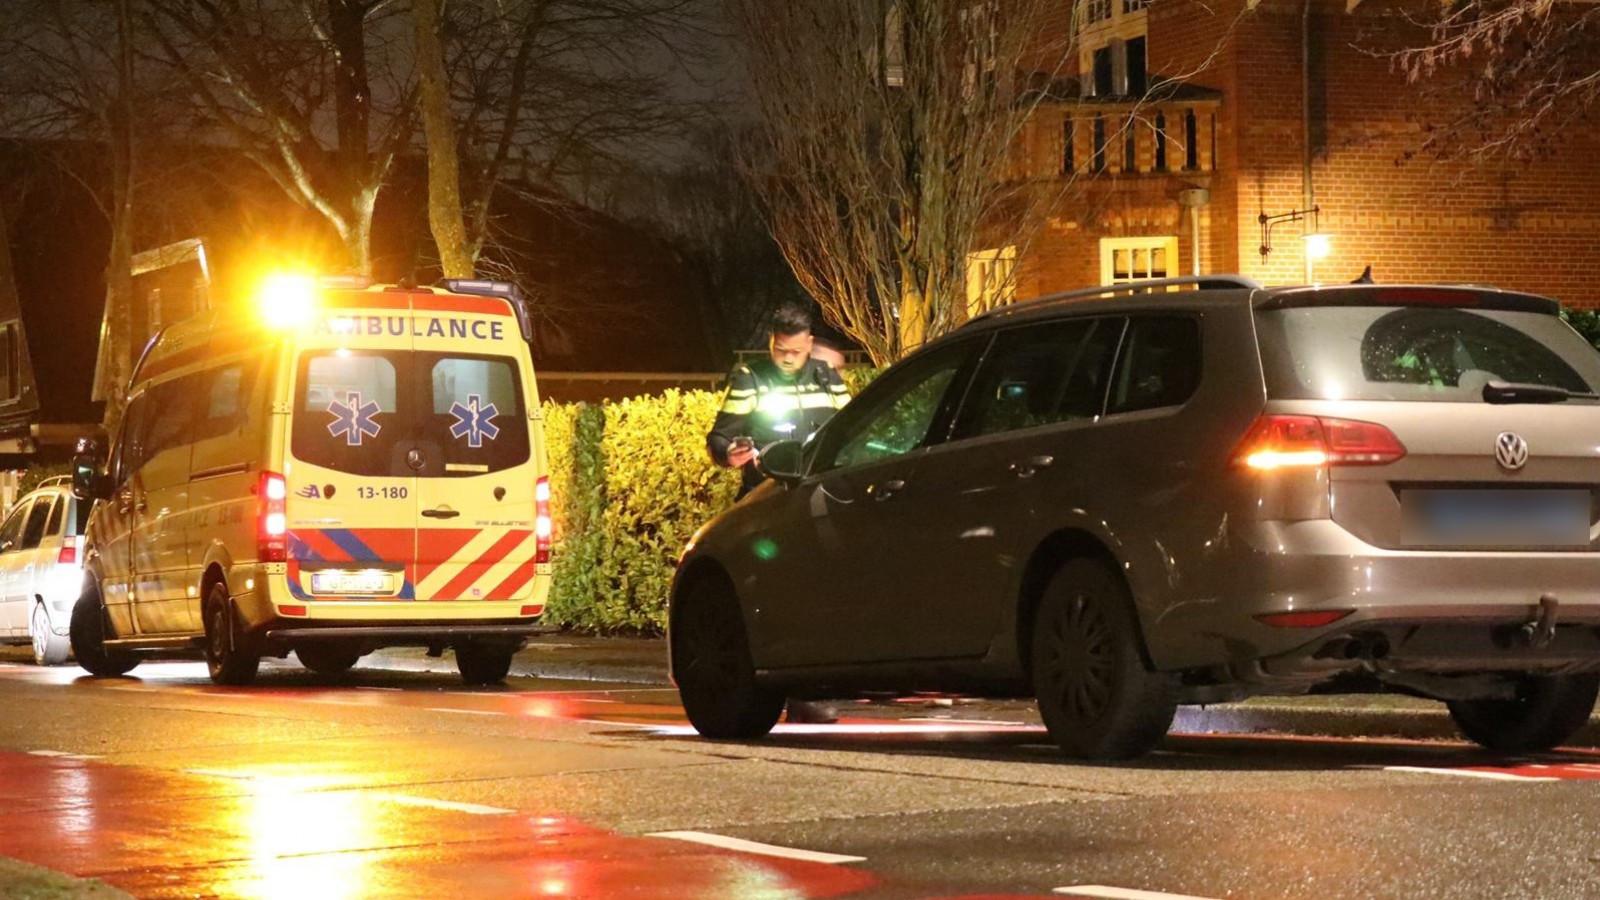 Fietser gewond na aanrijding taxi in Amstelveen.